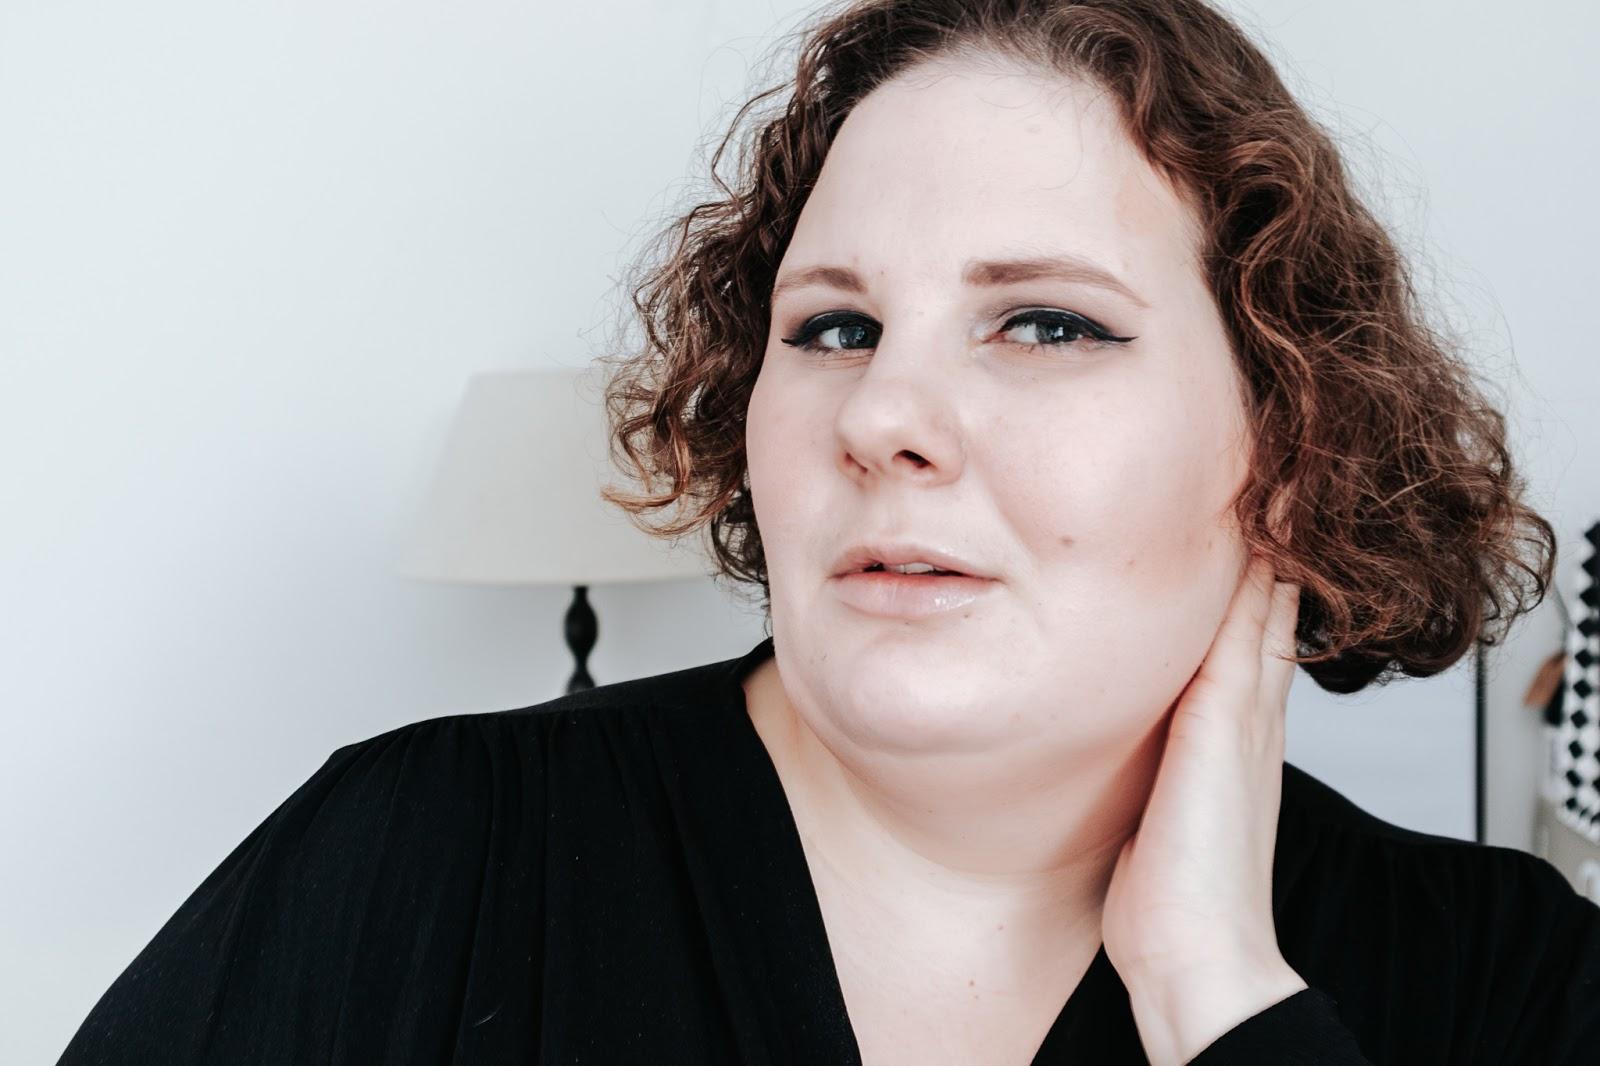 Big mamas home by Jenni S. Loppuvuoden juhlameikki, meikkilook. Pikkujoulu. Uusi vuosi